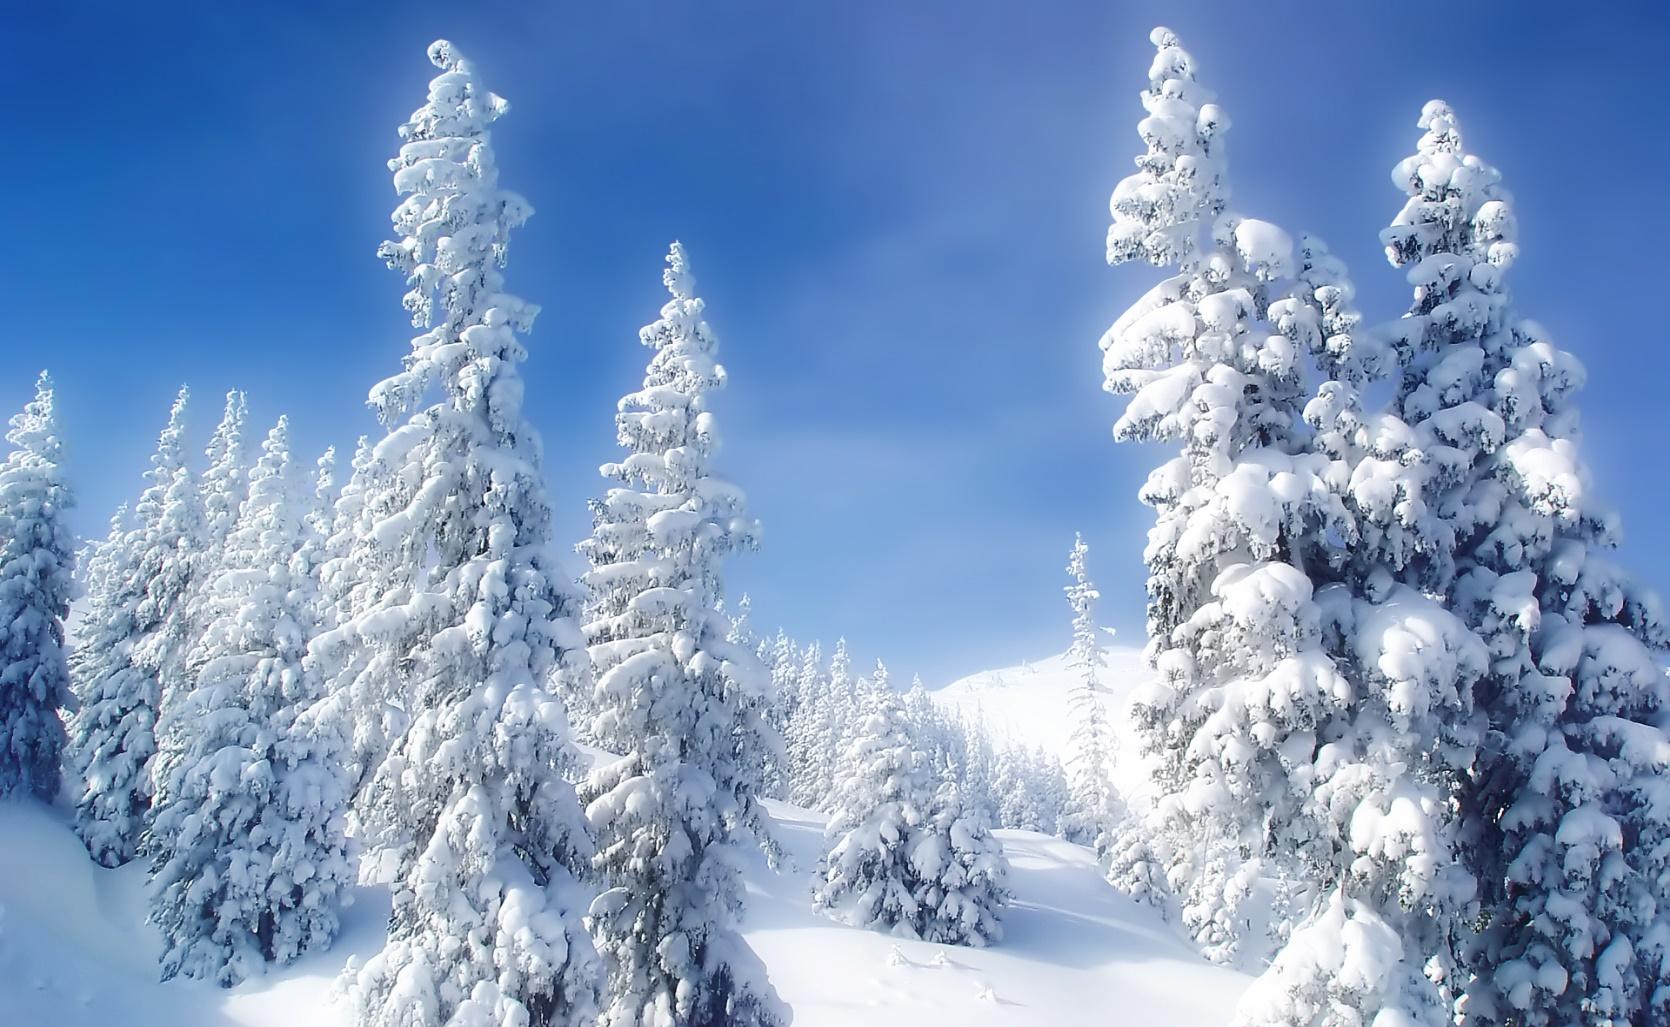 http://www.weegee.ro/work/4seasons/images/pictures/winter/Winter_Wonderland_1920.jpg